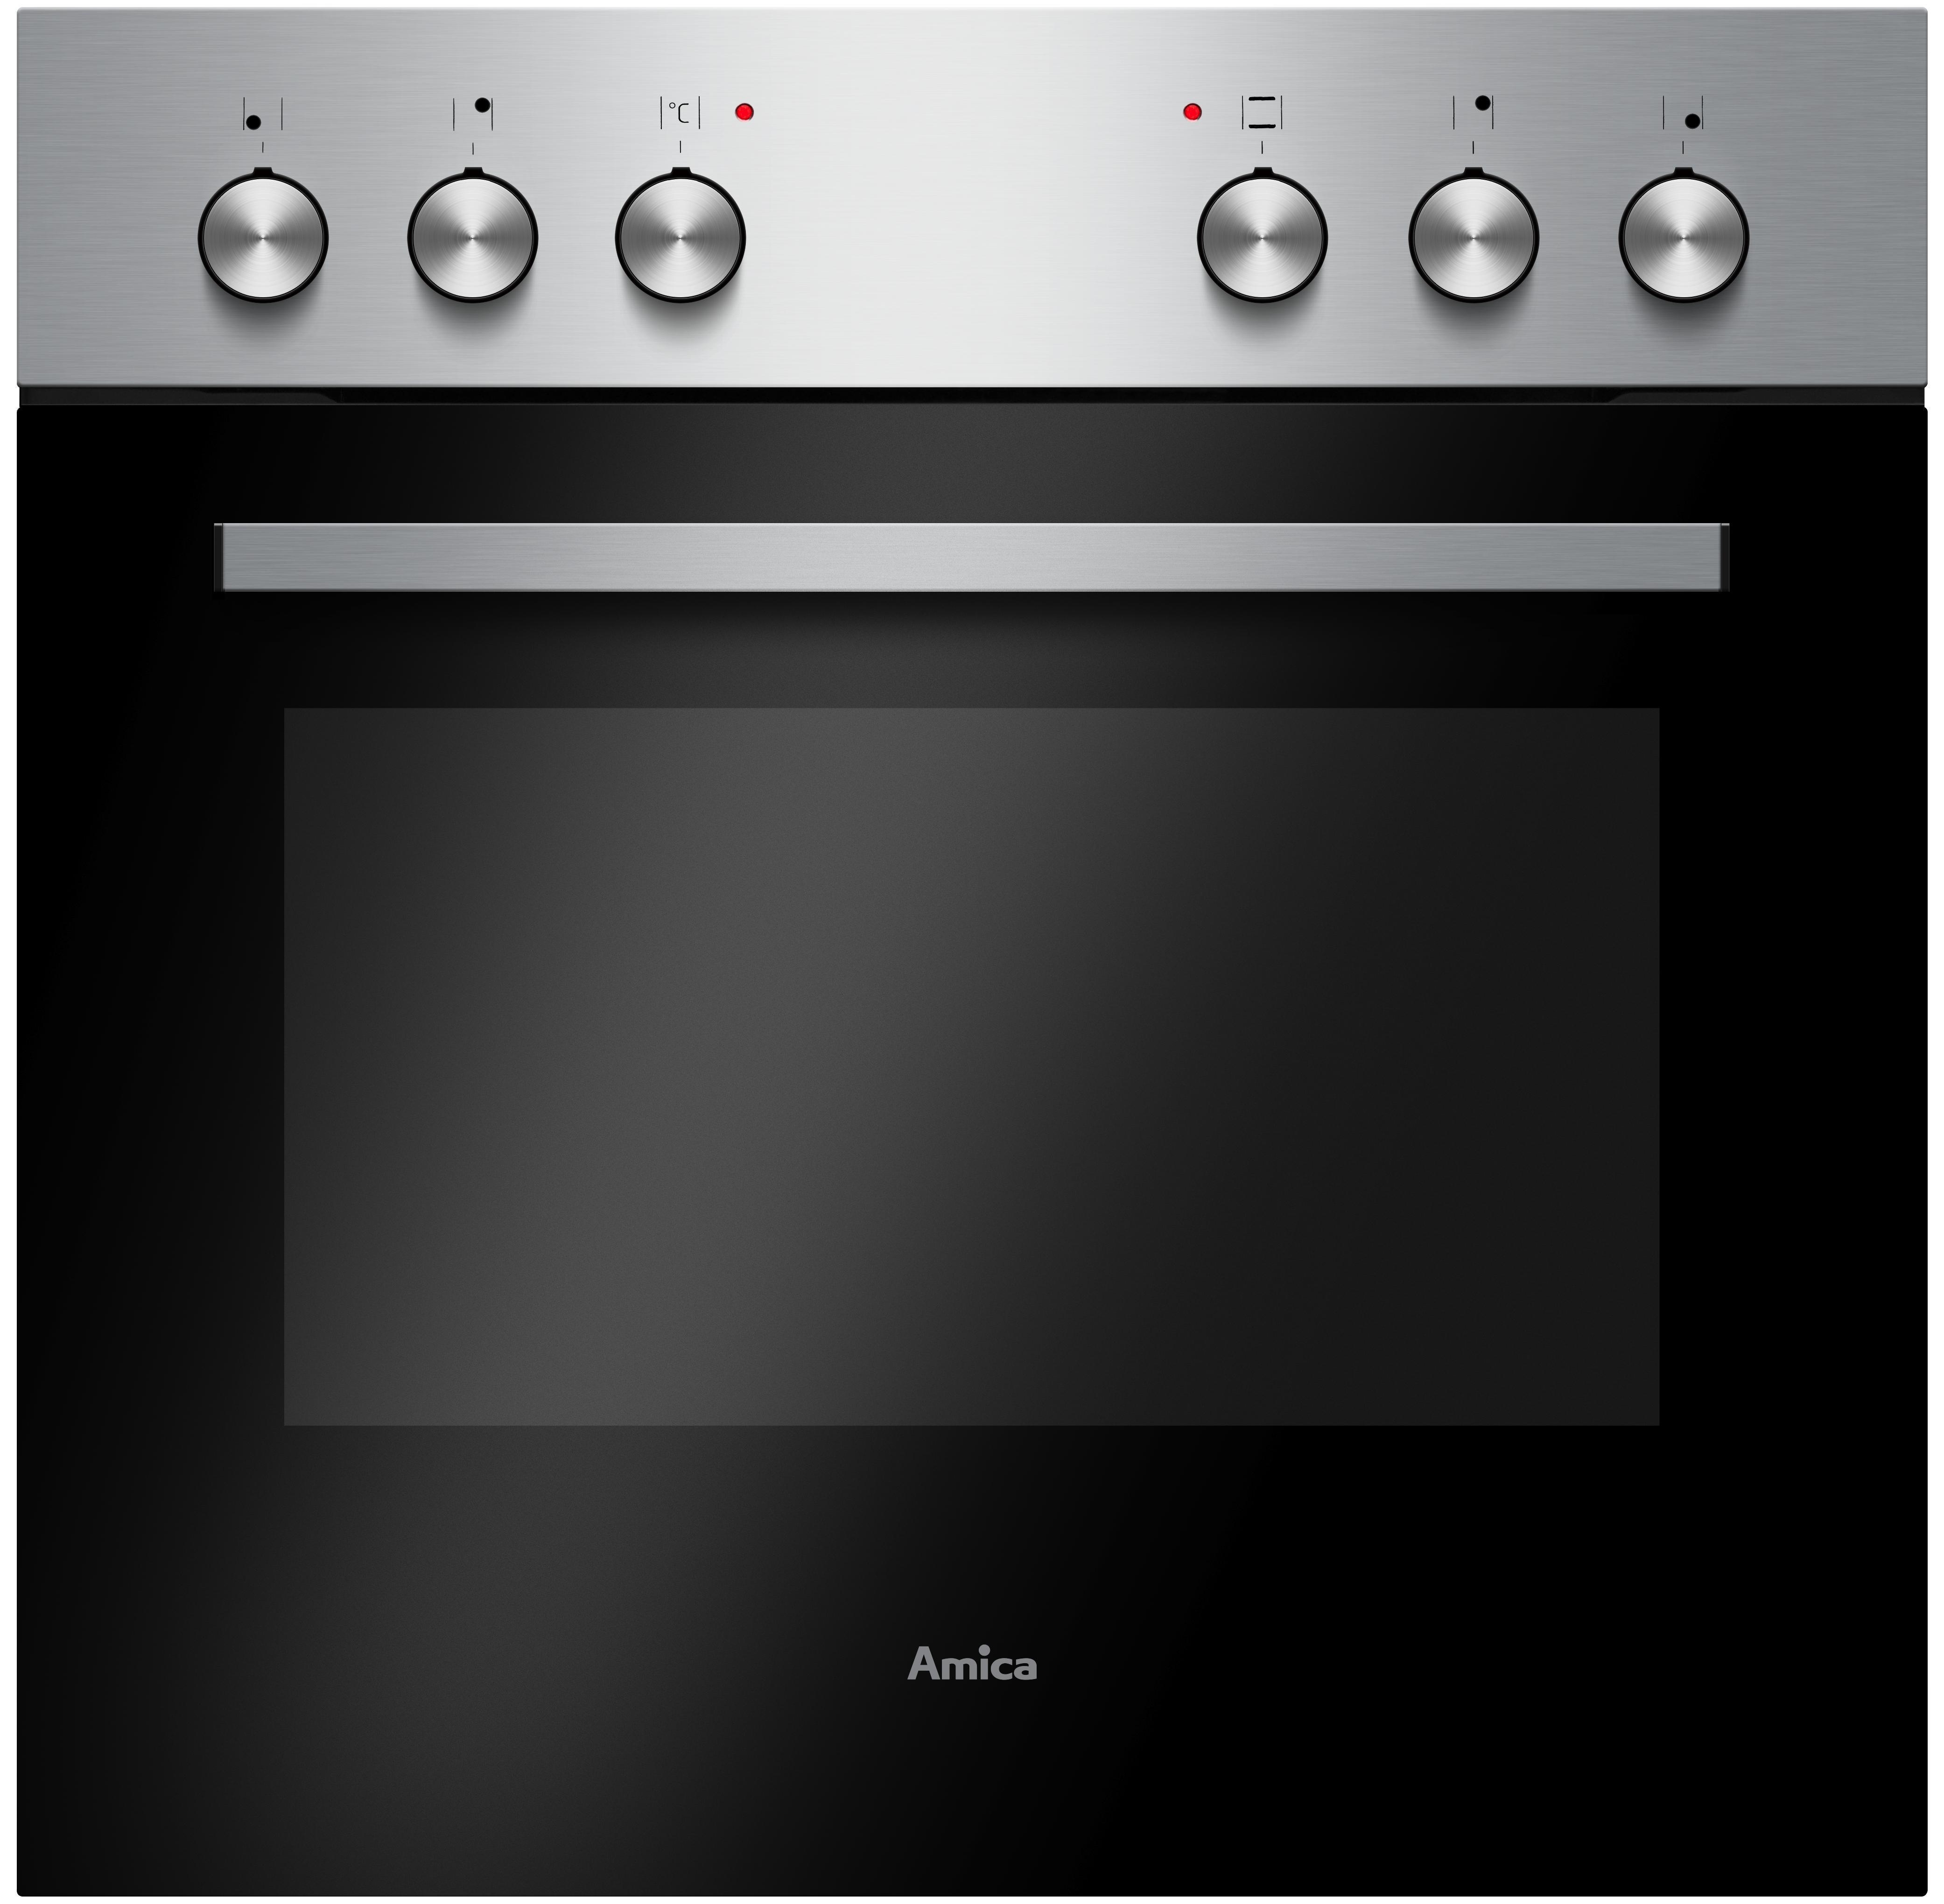 Einbaubackofen mit Touch Display und 14 Funktionen